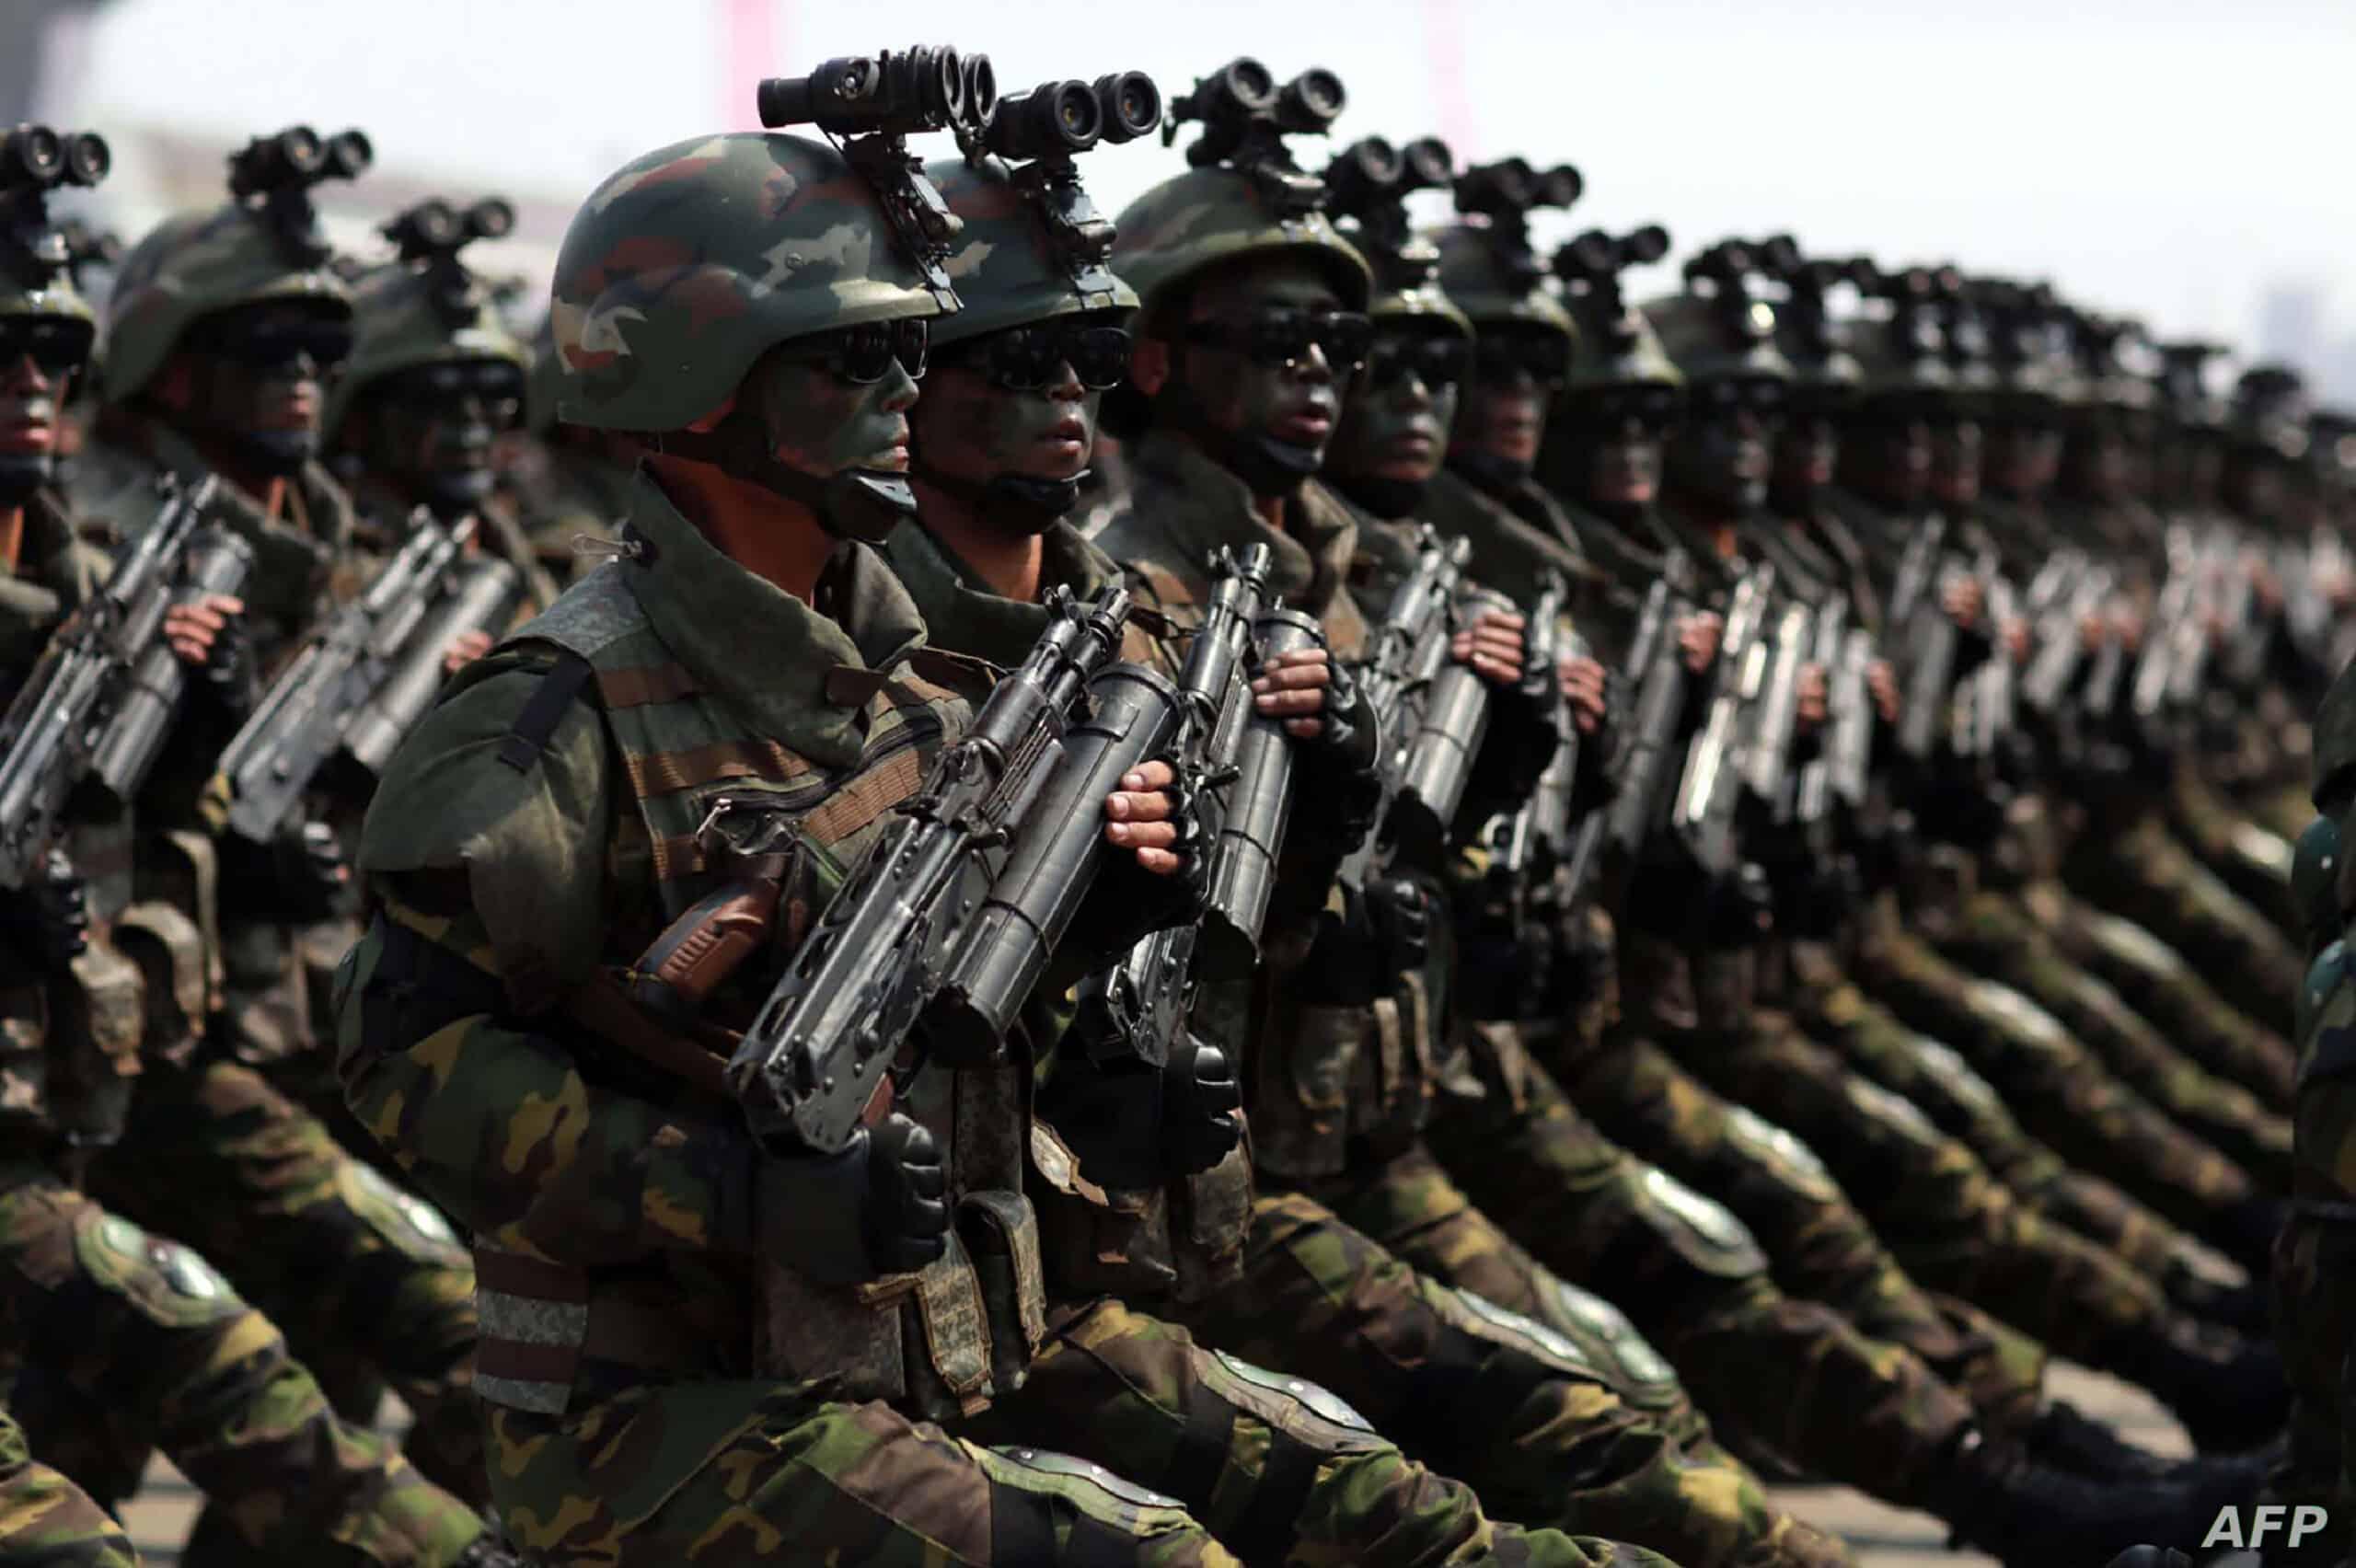 """بندقية """"تايب 88"""" النسخة الكورية الشمالية من بندقية كلاشينكوف الروسية"""